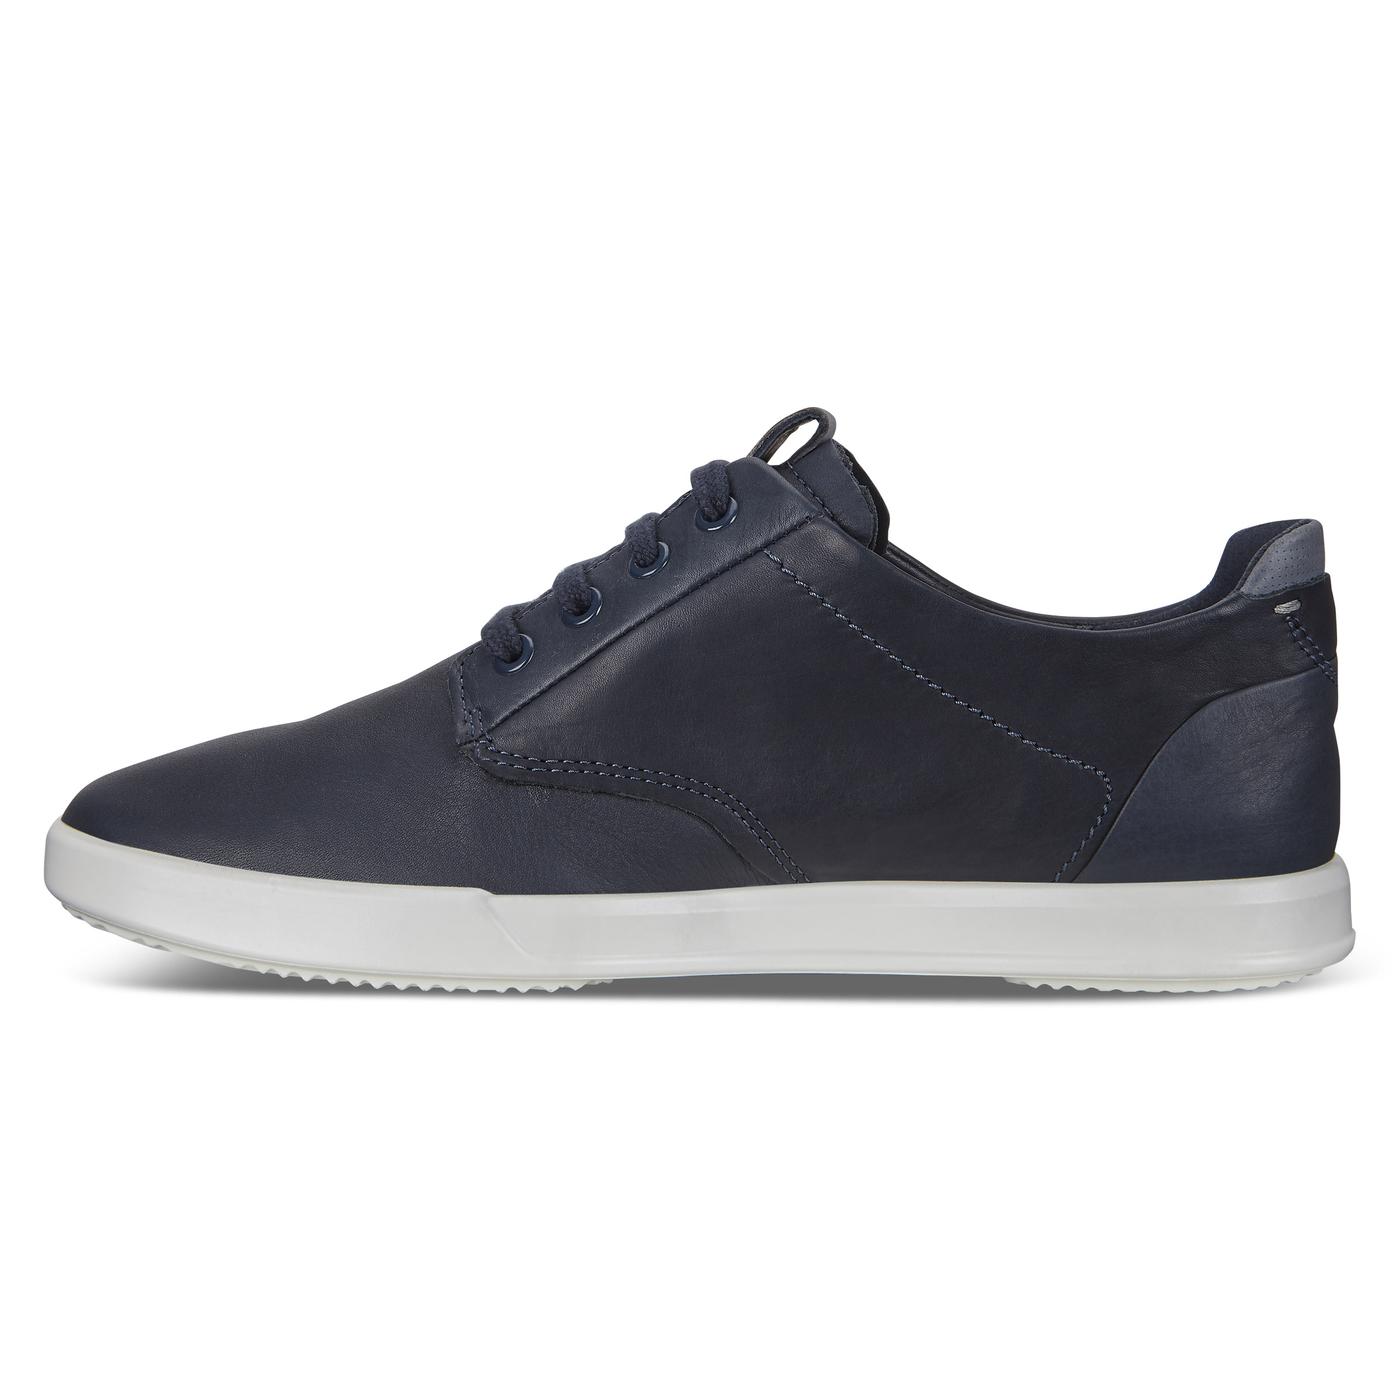 ECCO COLLIN2 Packable Sneaker Tie